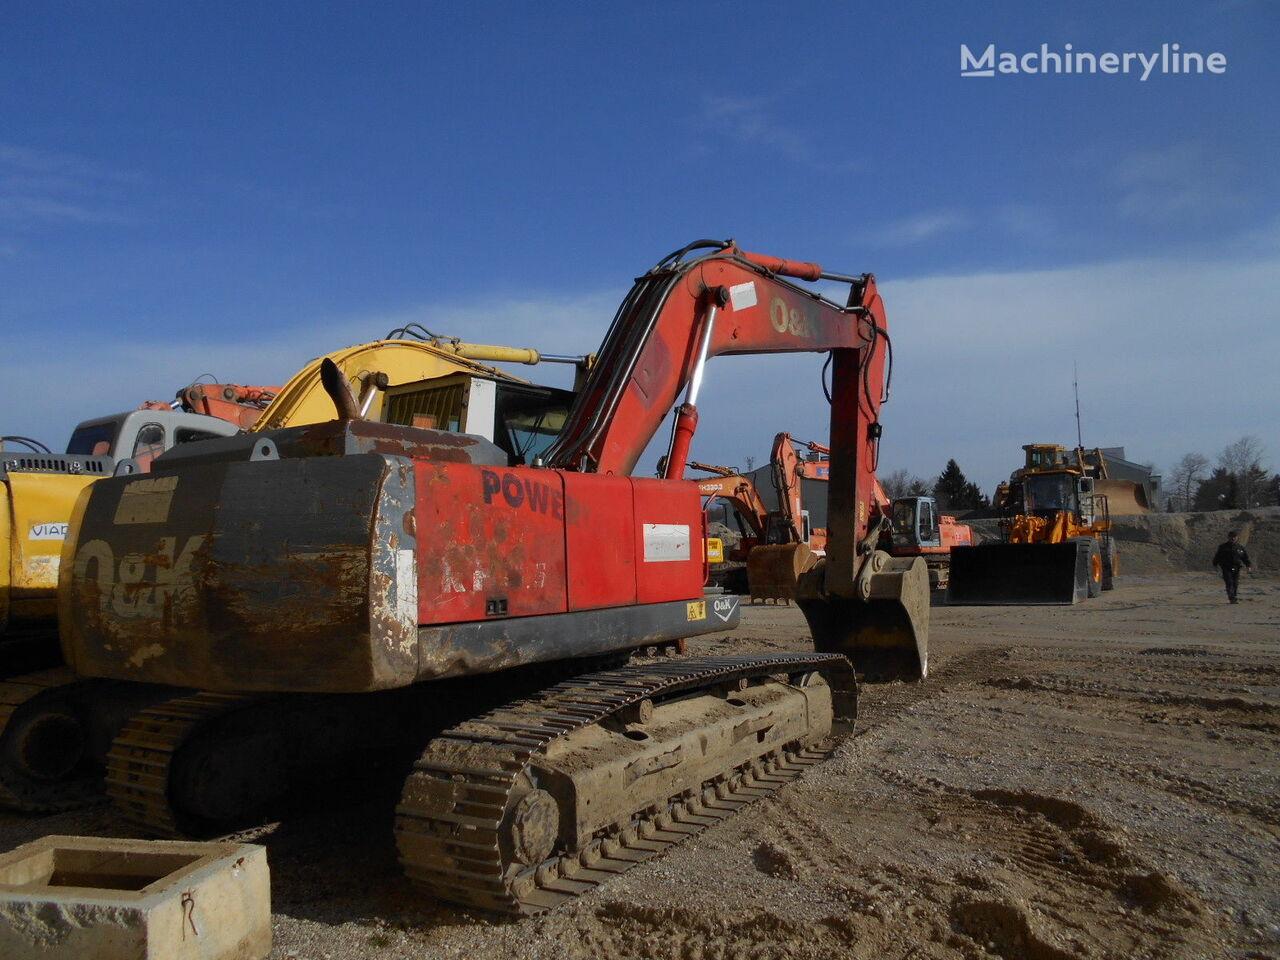 O&K RH8.5 excavadora de orugas